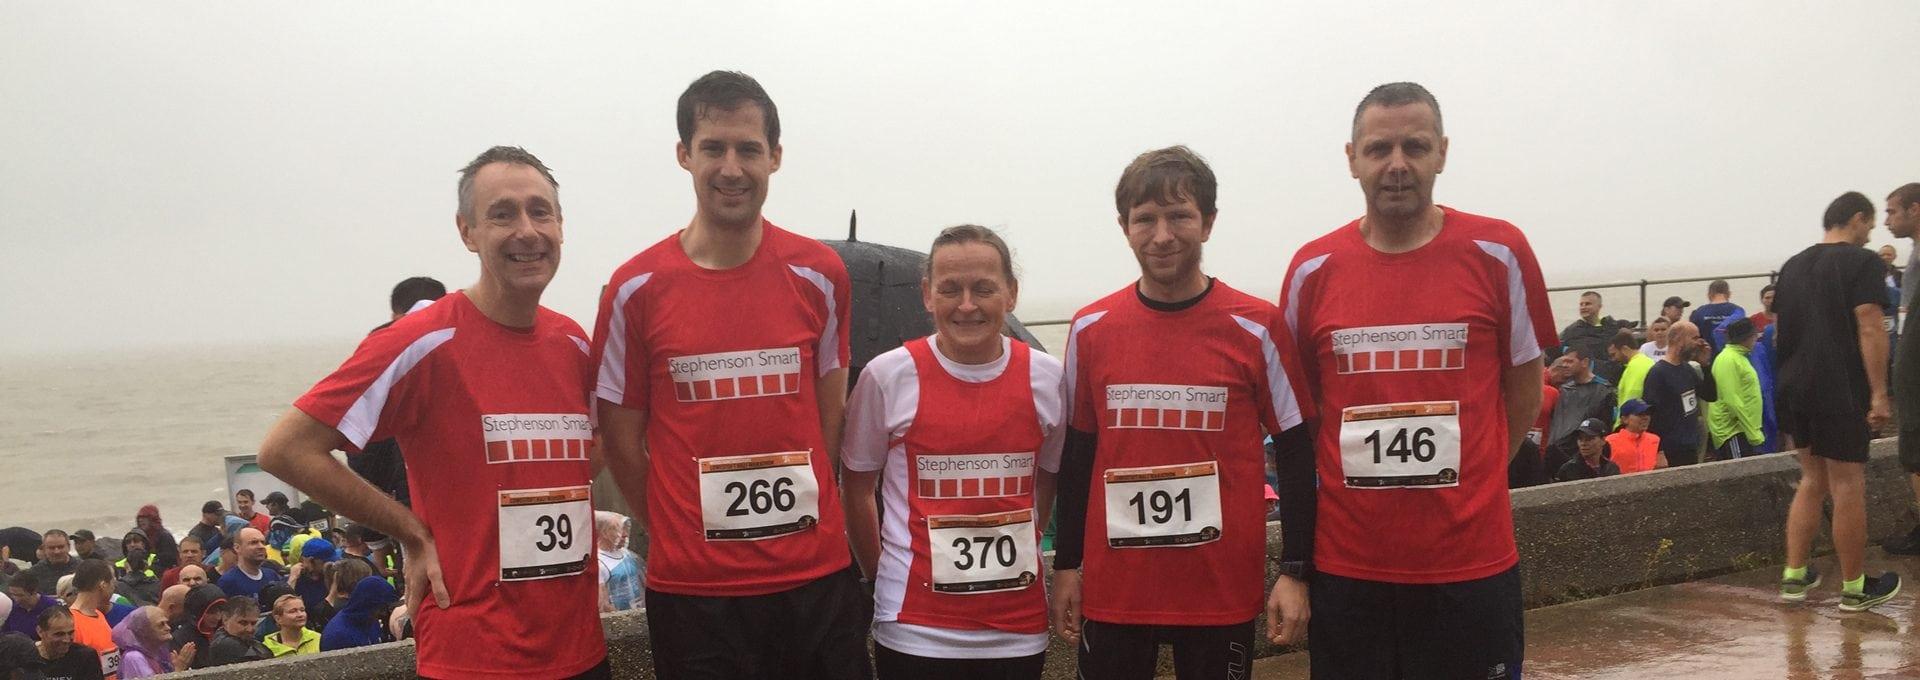 Stephenson Smart: Half Marathon